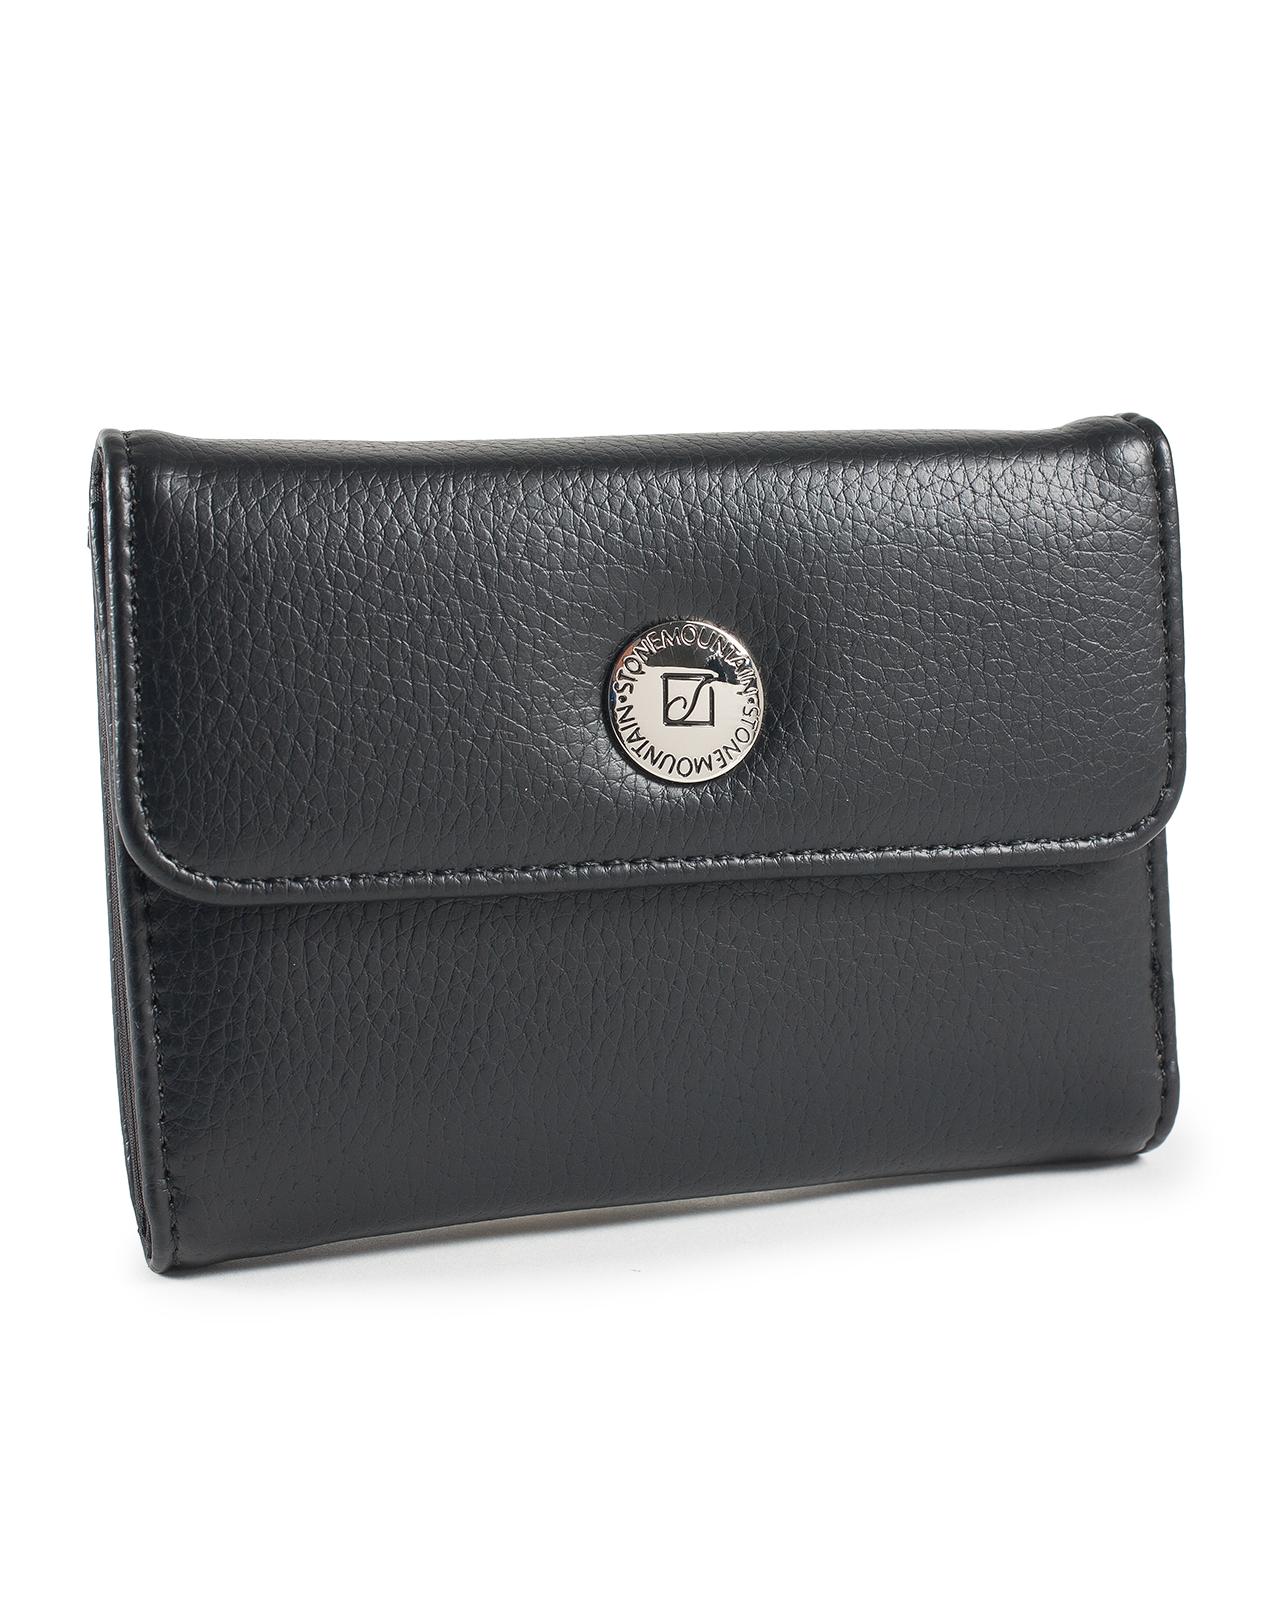 Stone Mountain Ludlow Small Tri-fold Wallet